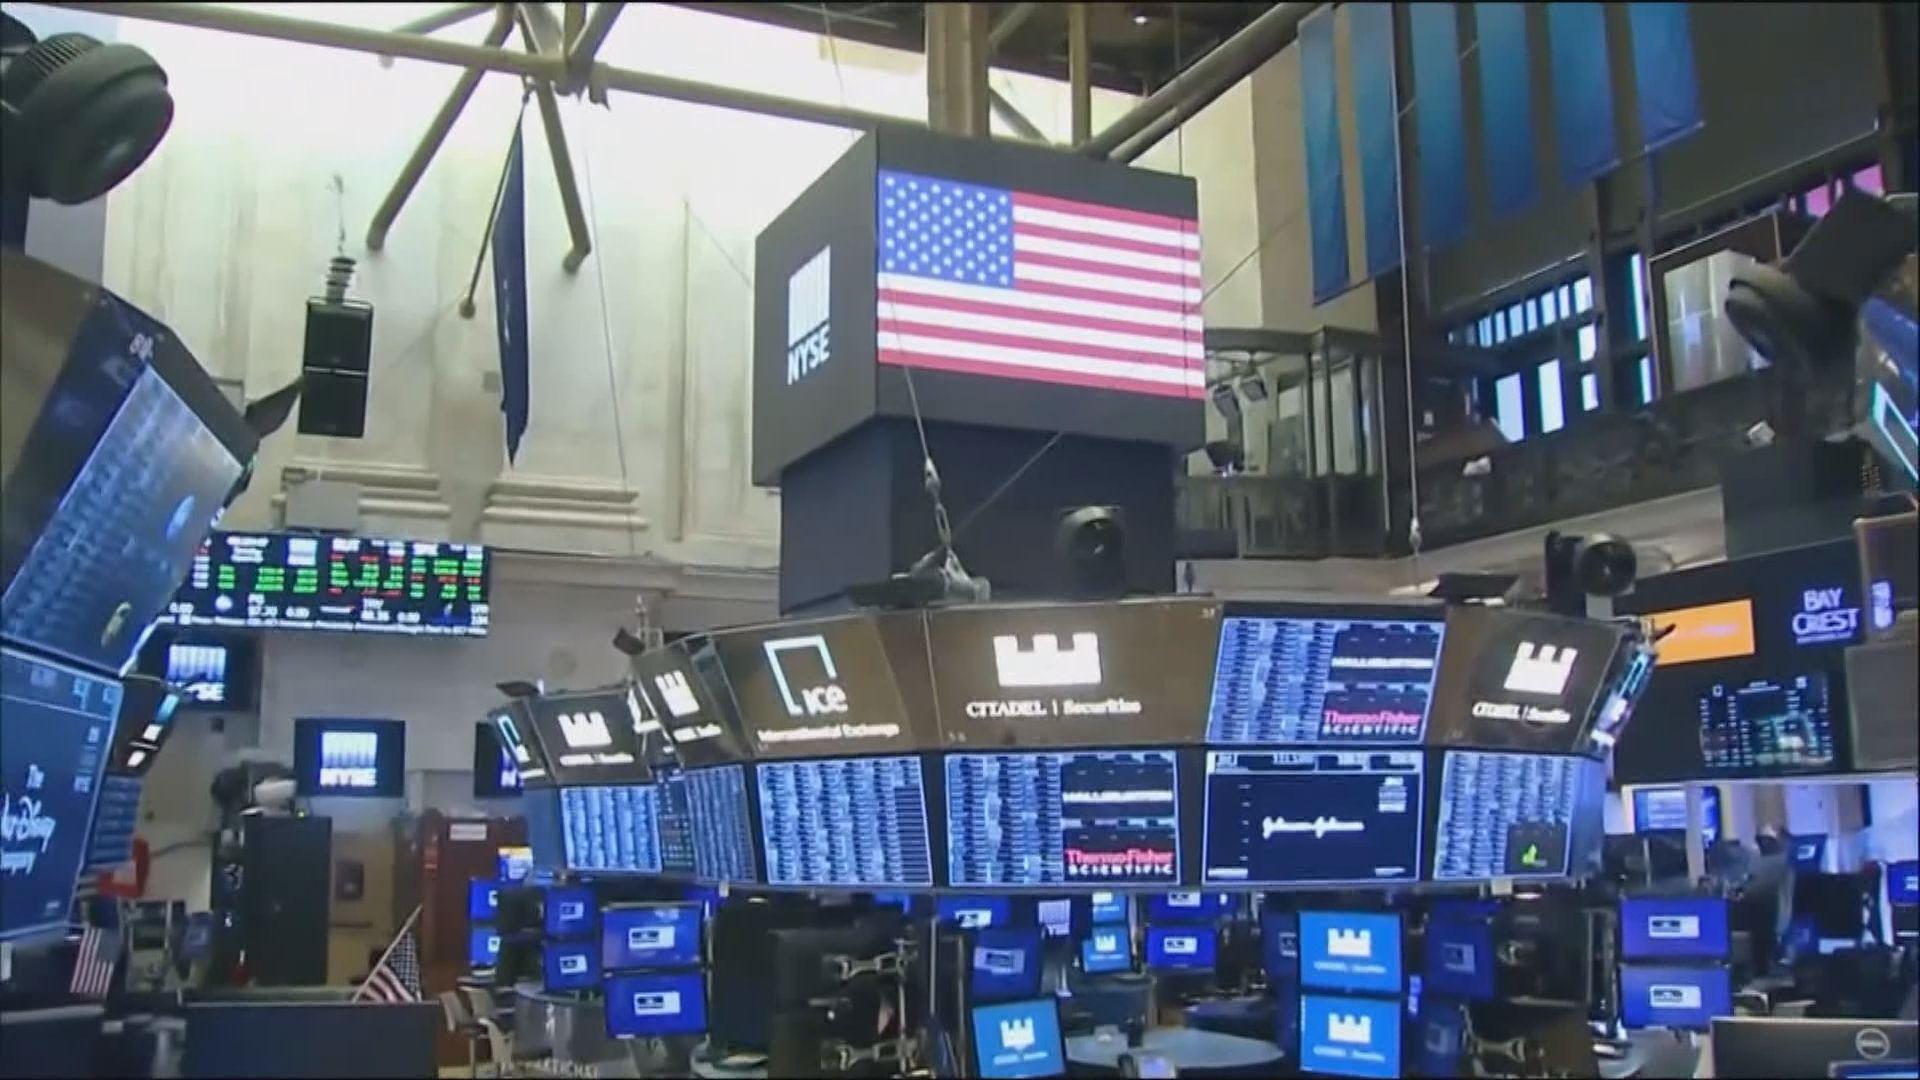 科技股升領標指及納指升 舊經濟股跌累道指跌